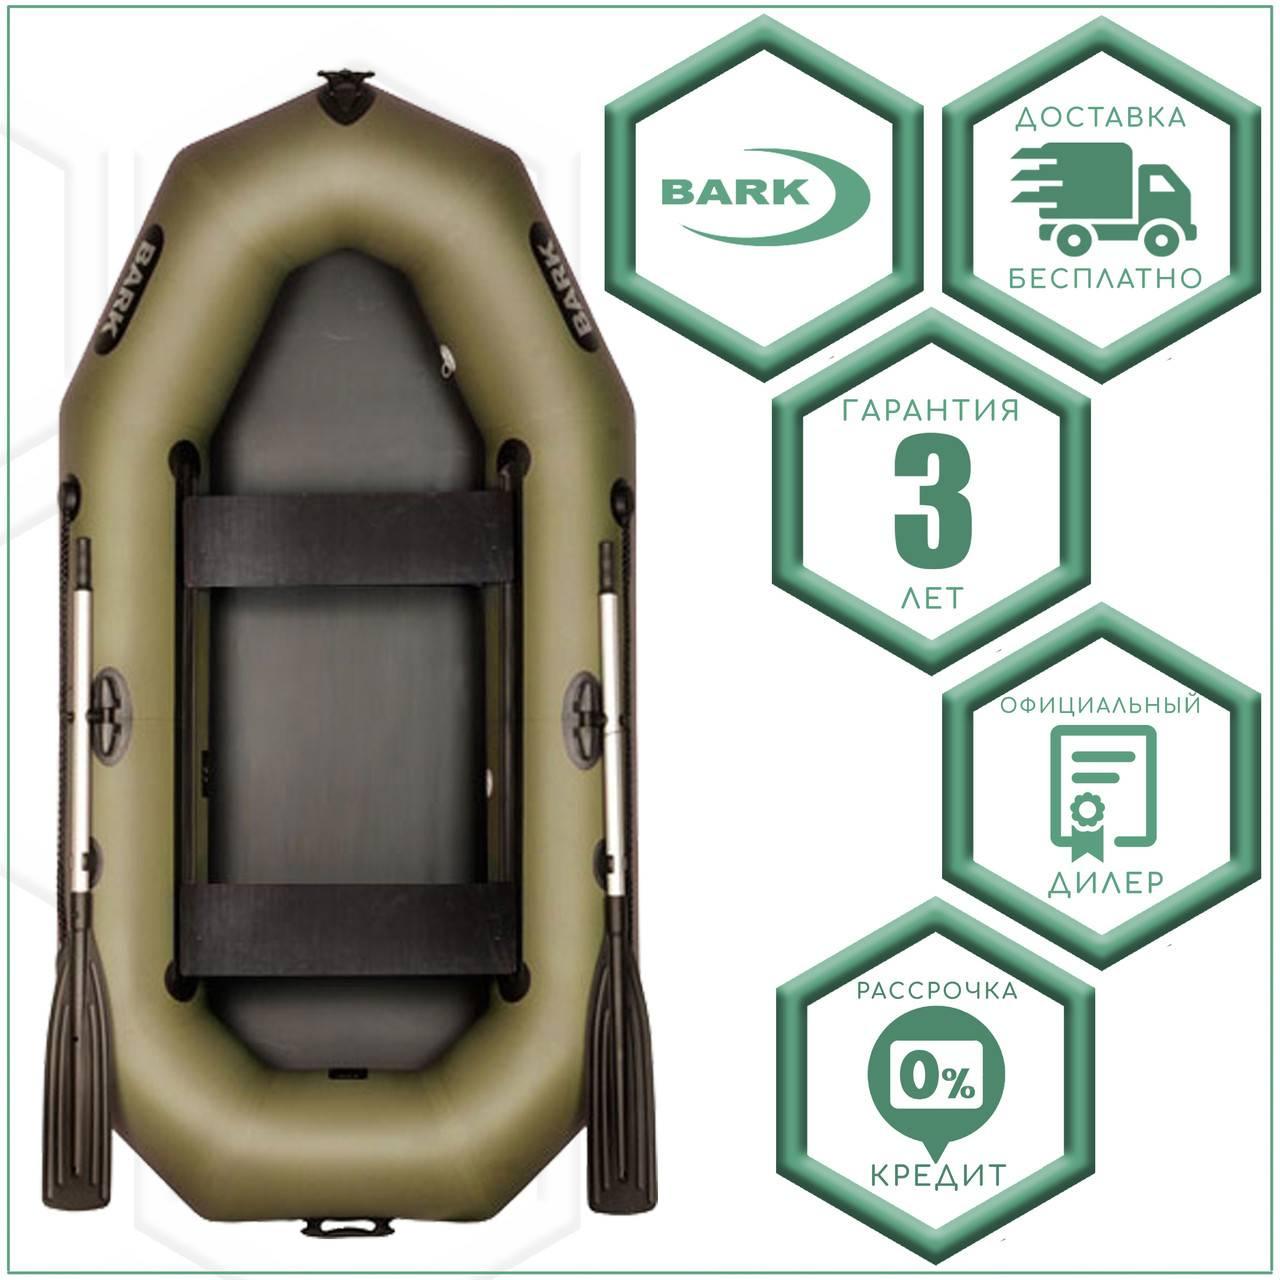 """Лодки барк: достойный пример отечественного качества. надувные лодки """"bark"""""""